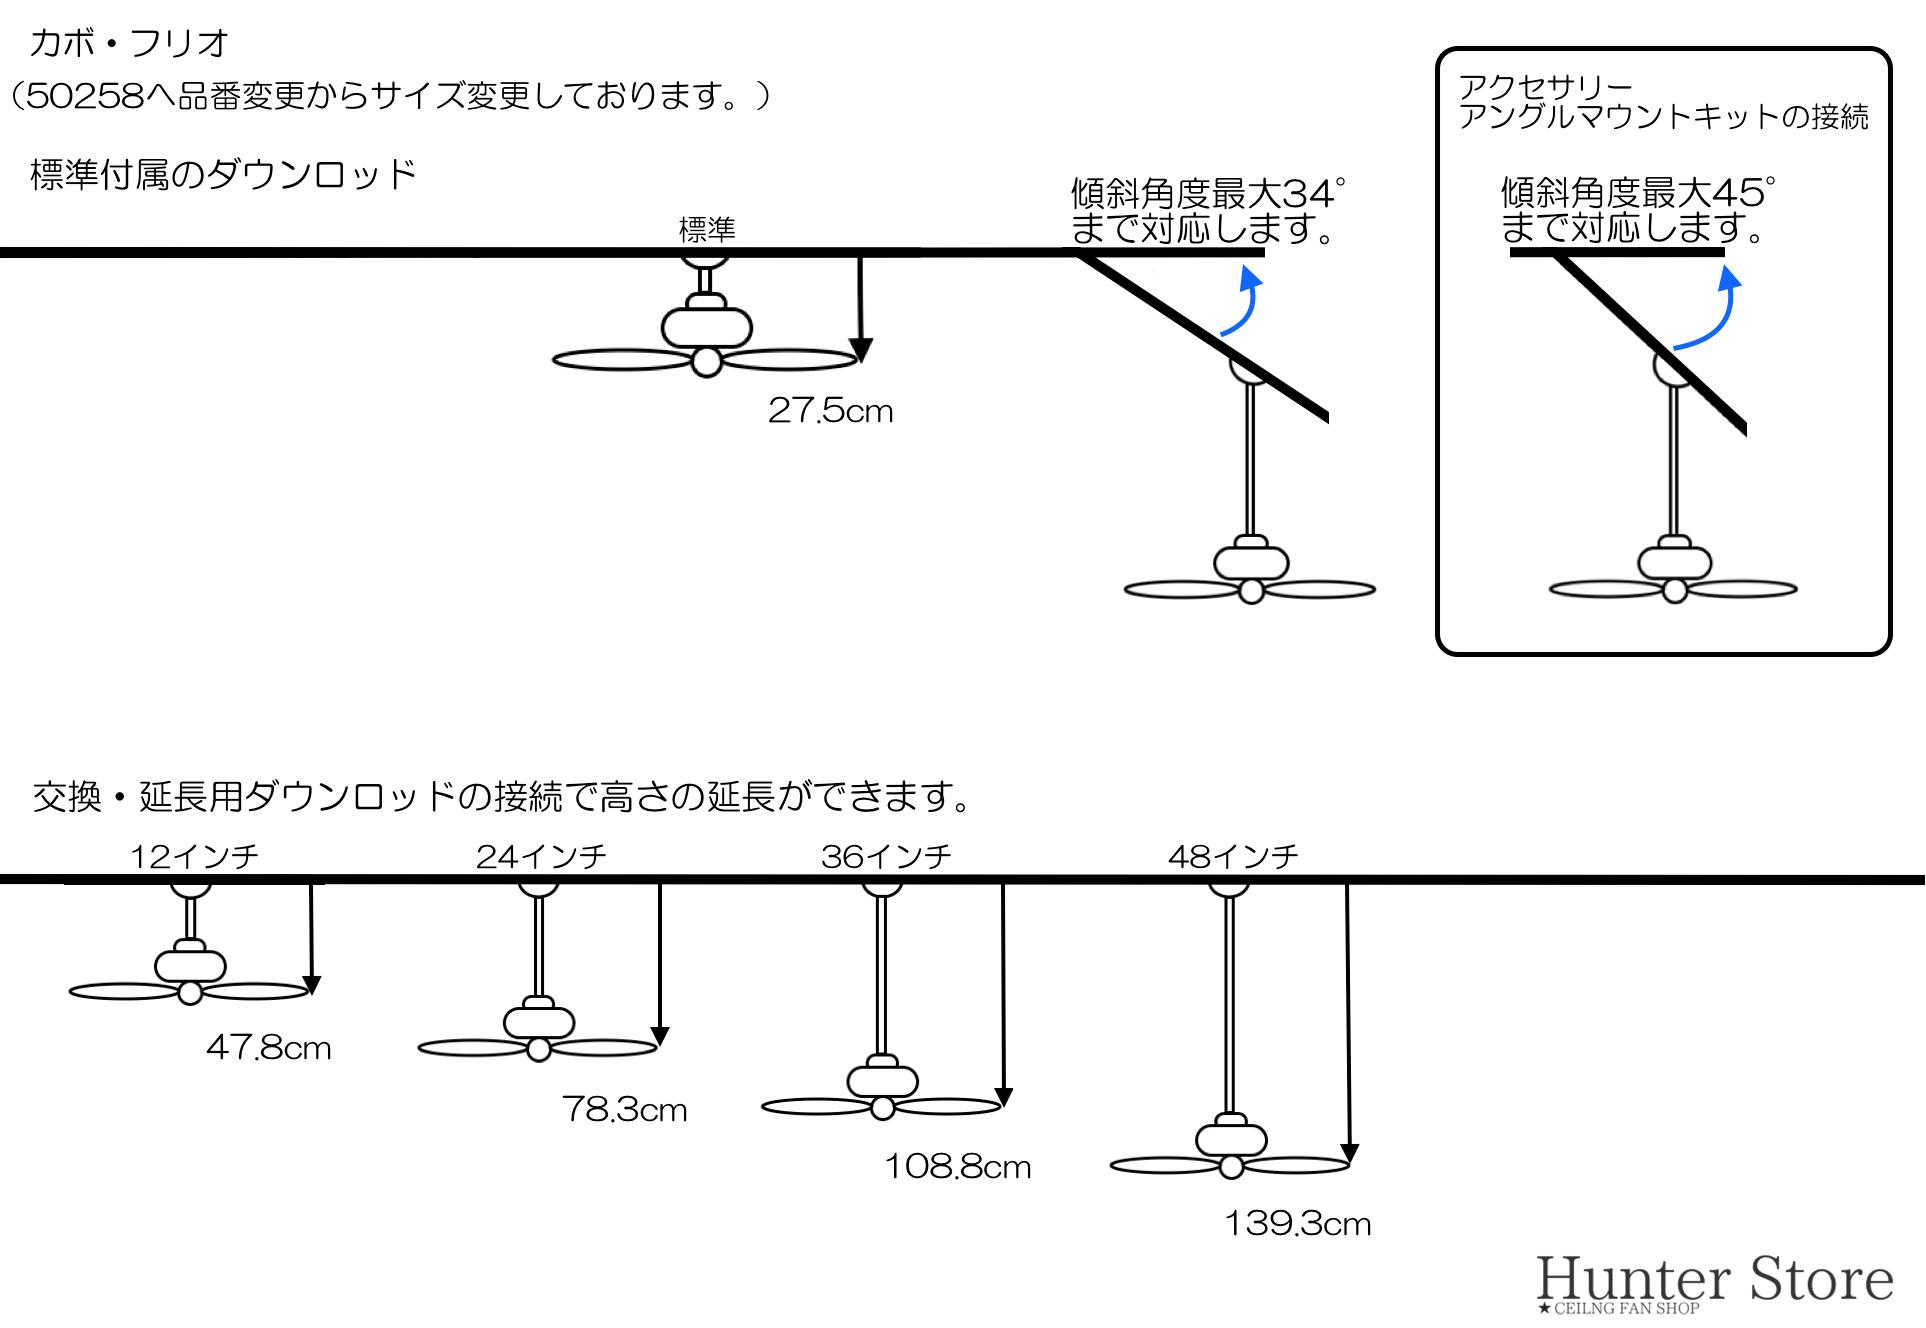 カボ・フリオ【壁コントローラ・24㌅61cmダウンロッド付】 - 画像4